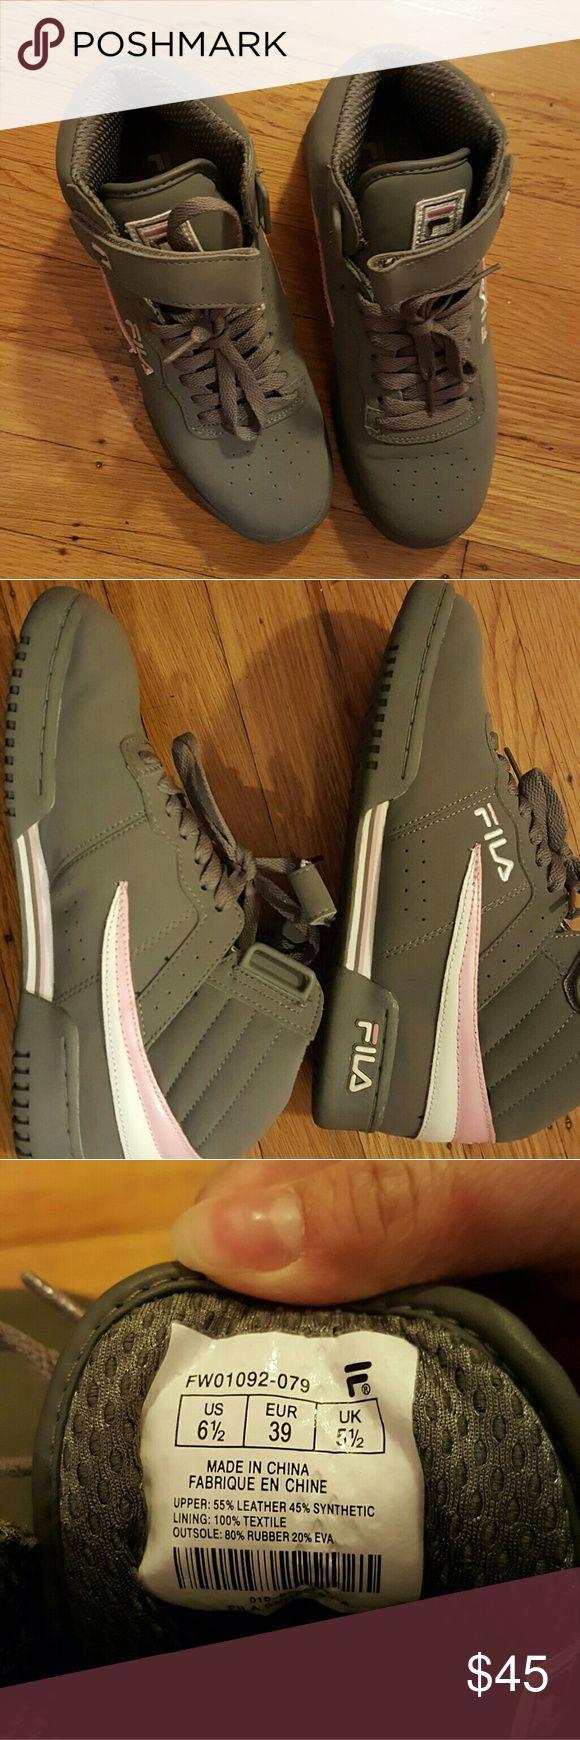 Gray high top Fila shoe